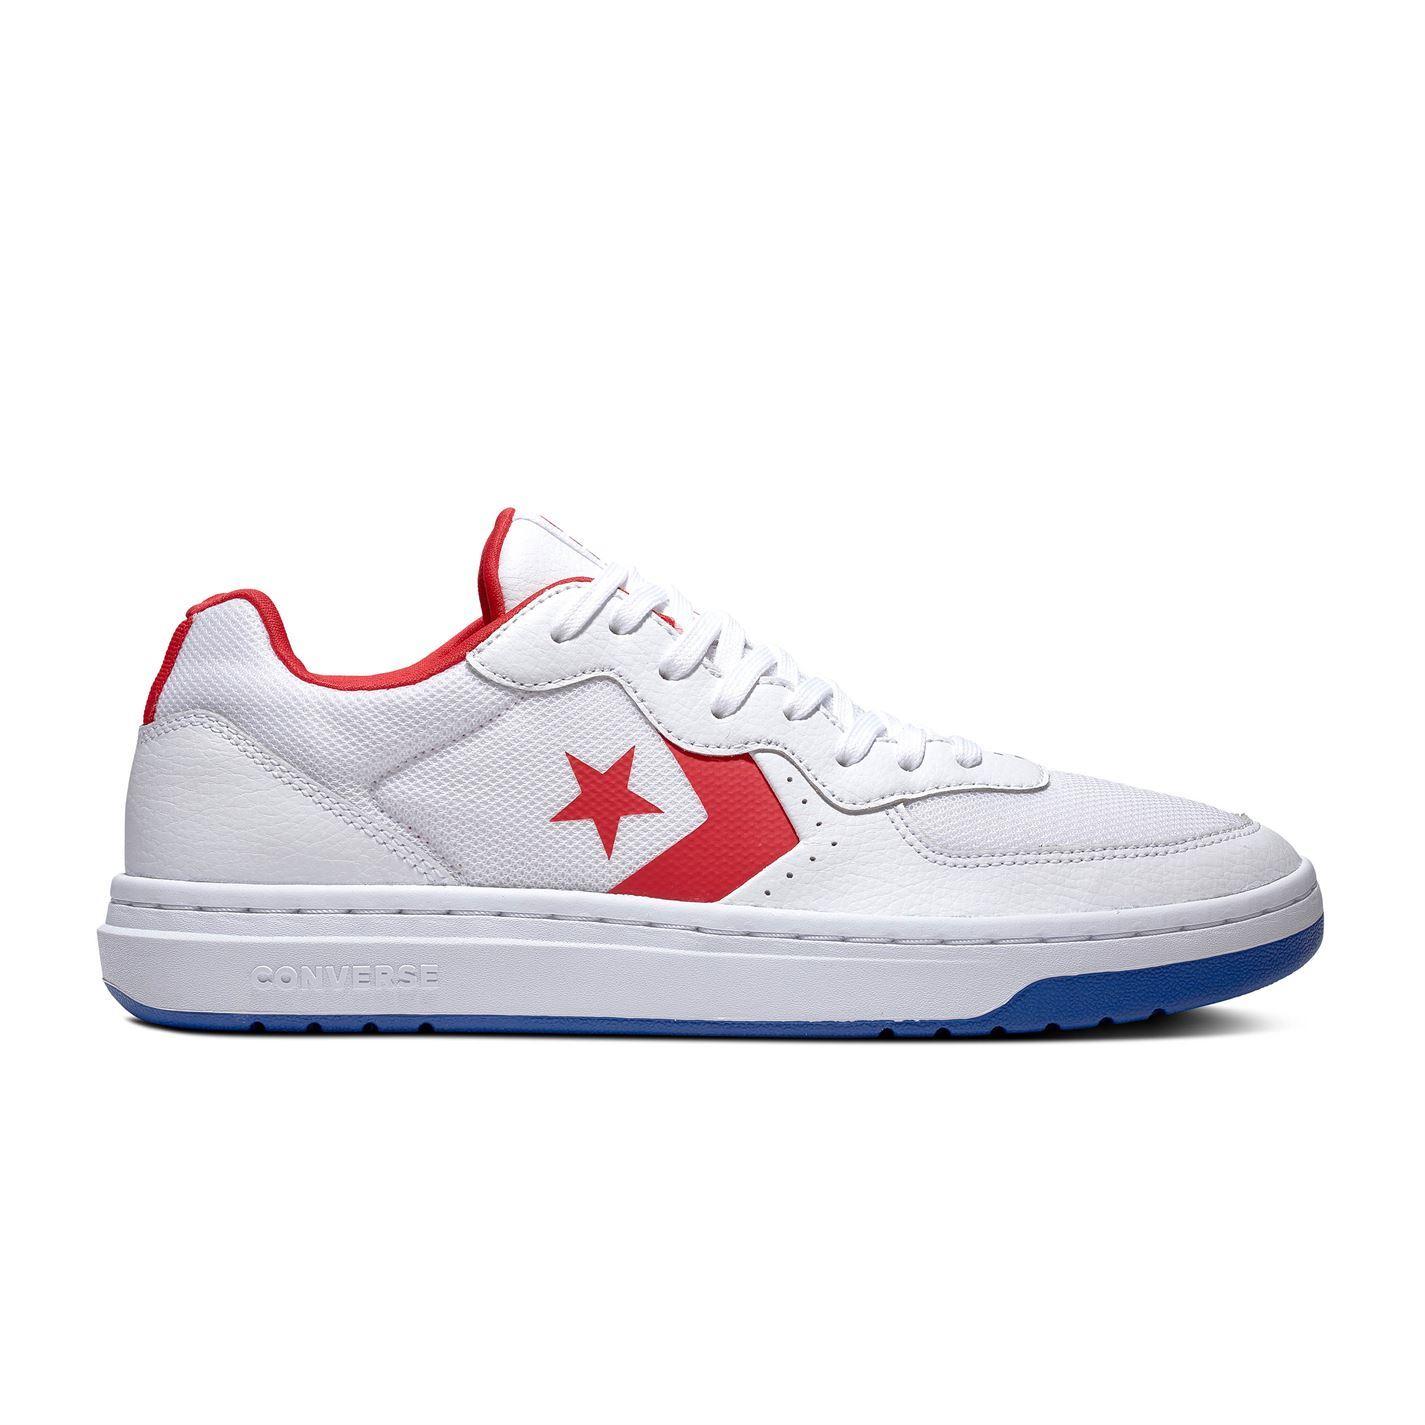 Converse-Rival-Baskets-Pour-Homme-Chaussures-De-Loisirs-Chaussures-Baskets miniature 29